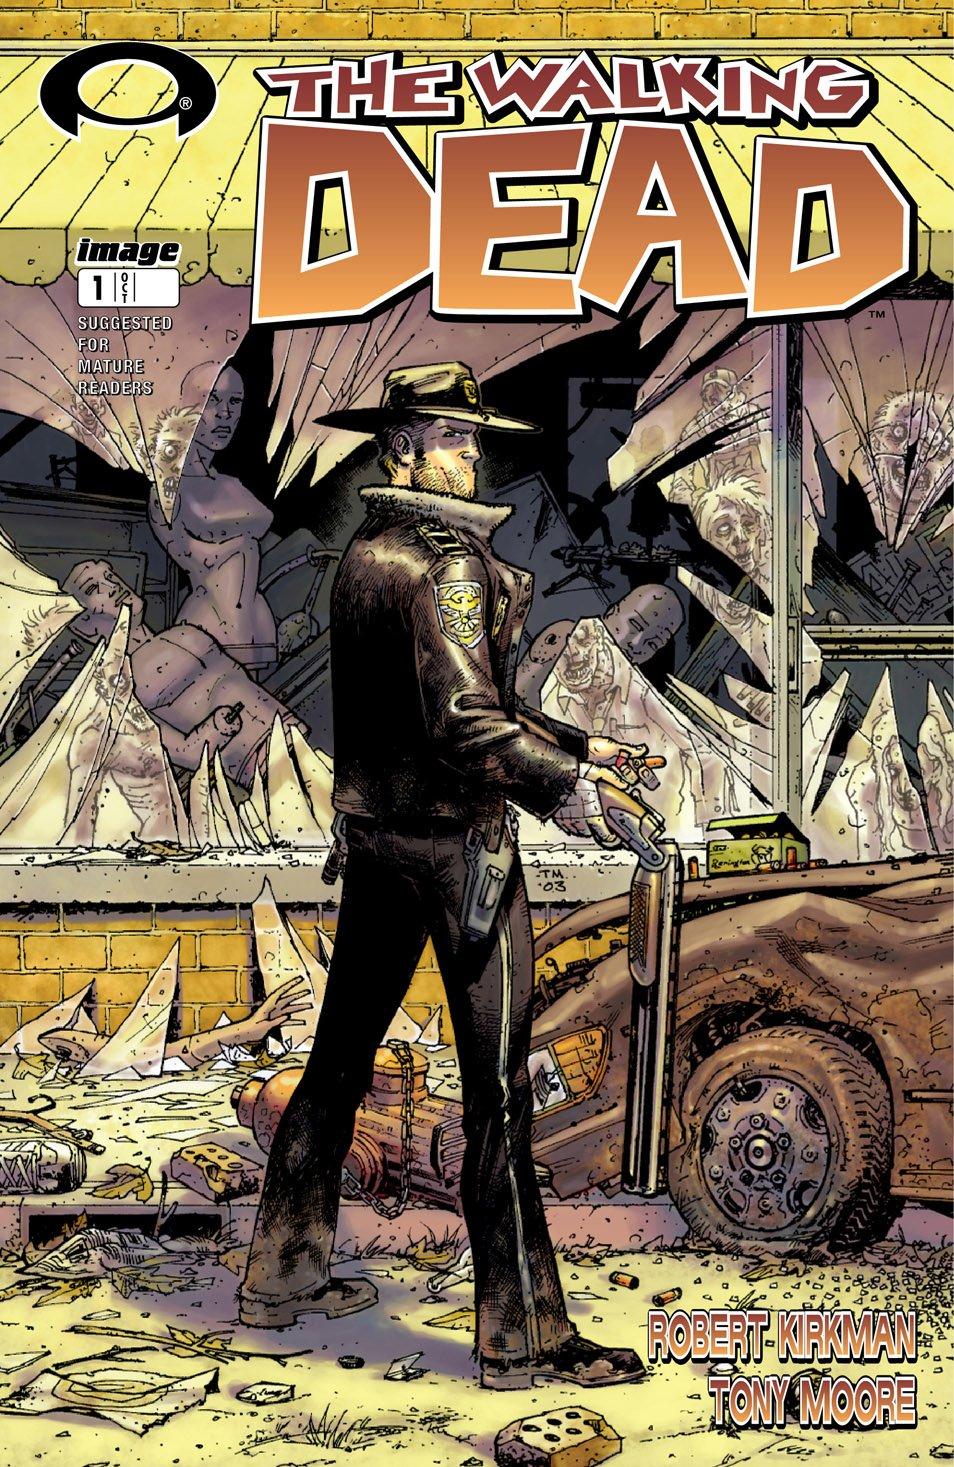 Создатель комикса The Walking Dead пишет сценарий к «Трансформерам» - Изображение 3